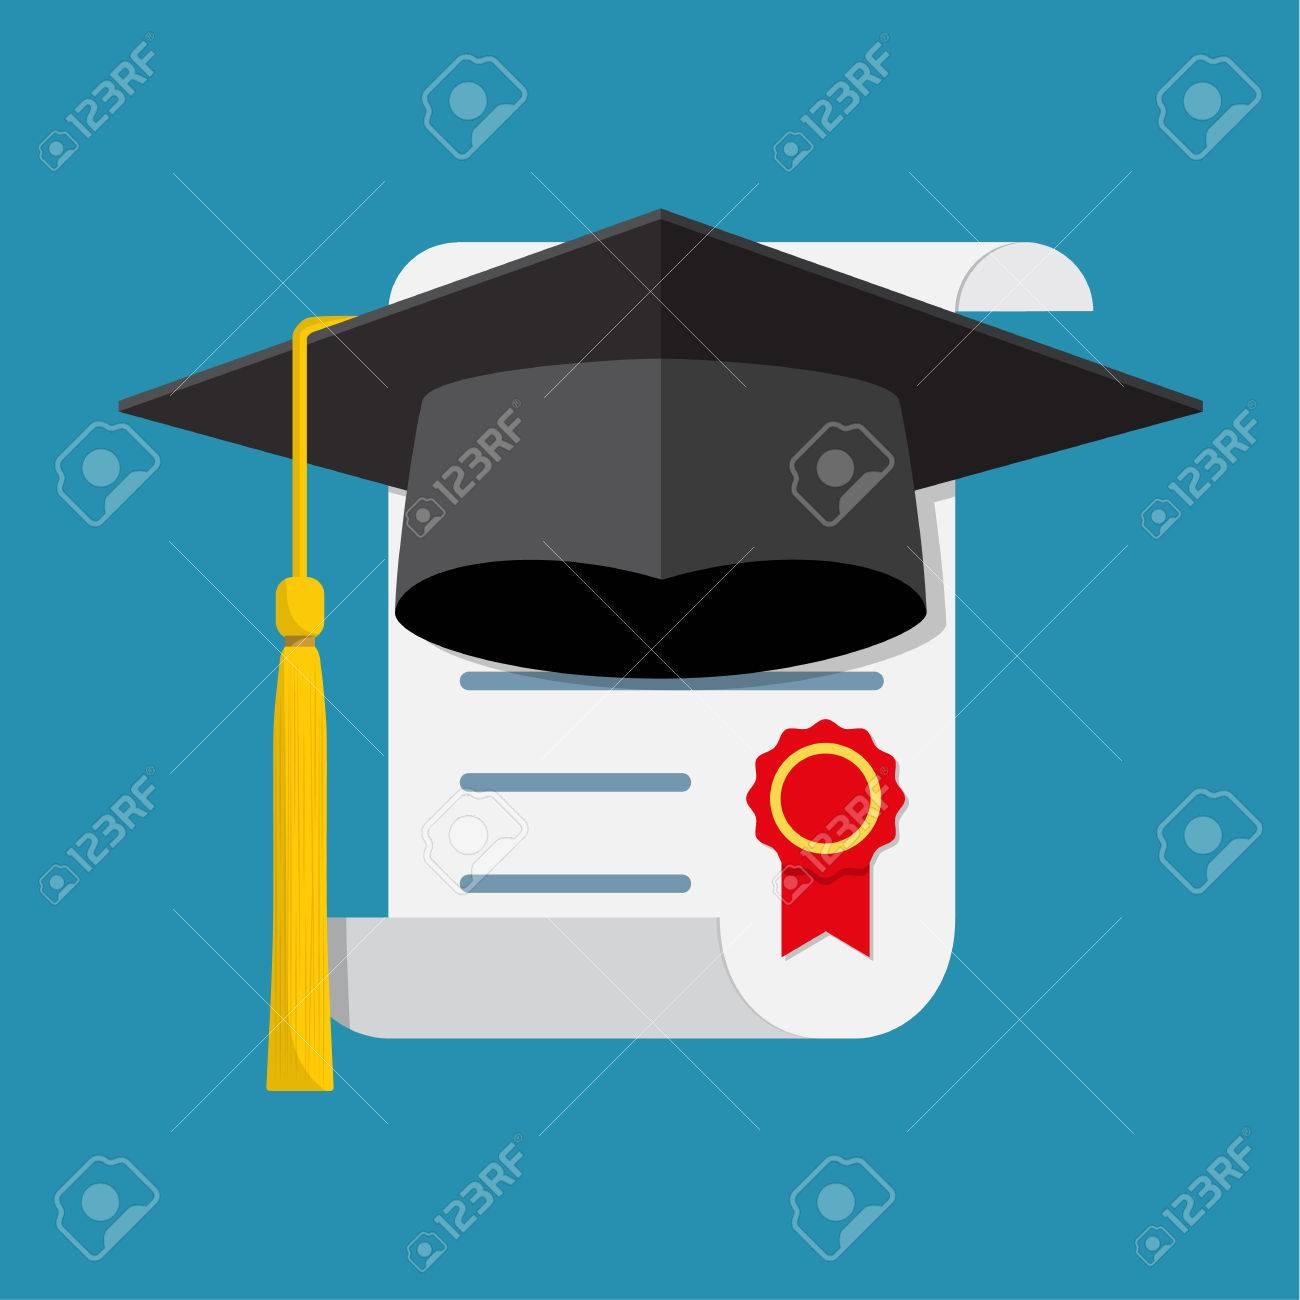 Foto de archivo - Gorra y diploma de graduación. Icono en un diseño plano.  Ilustración vectorial e769c8afe8e